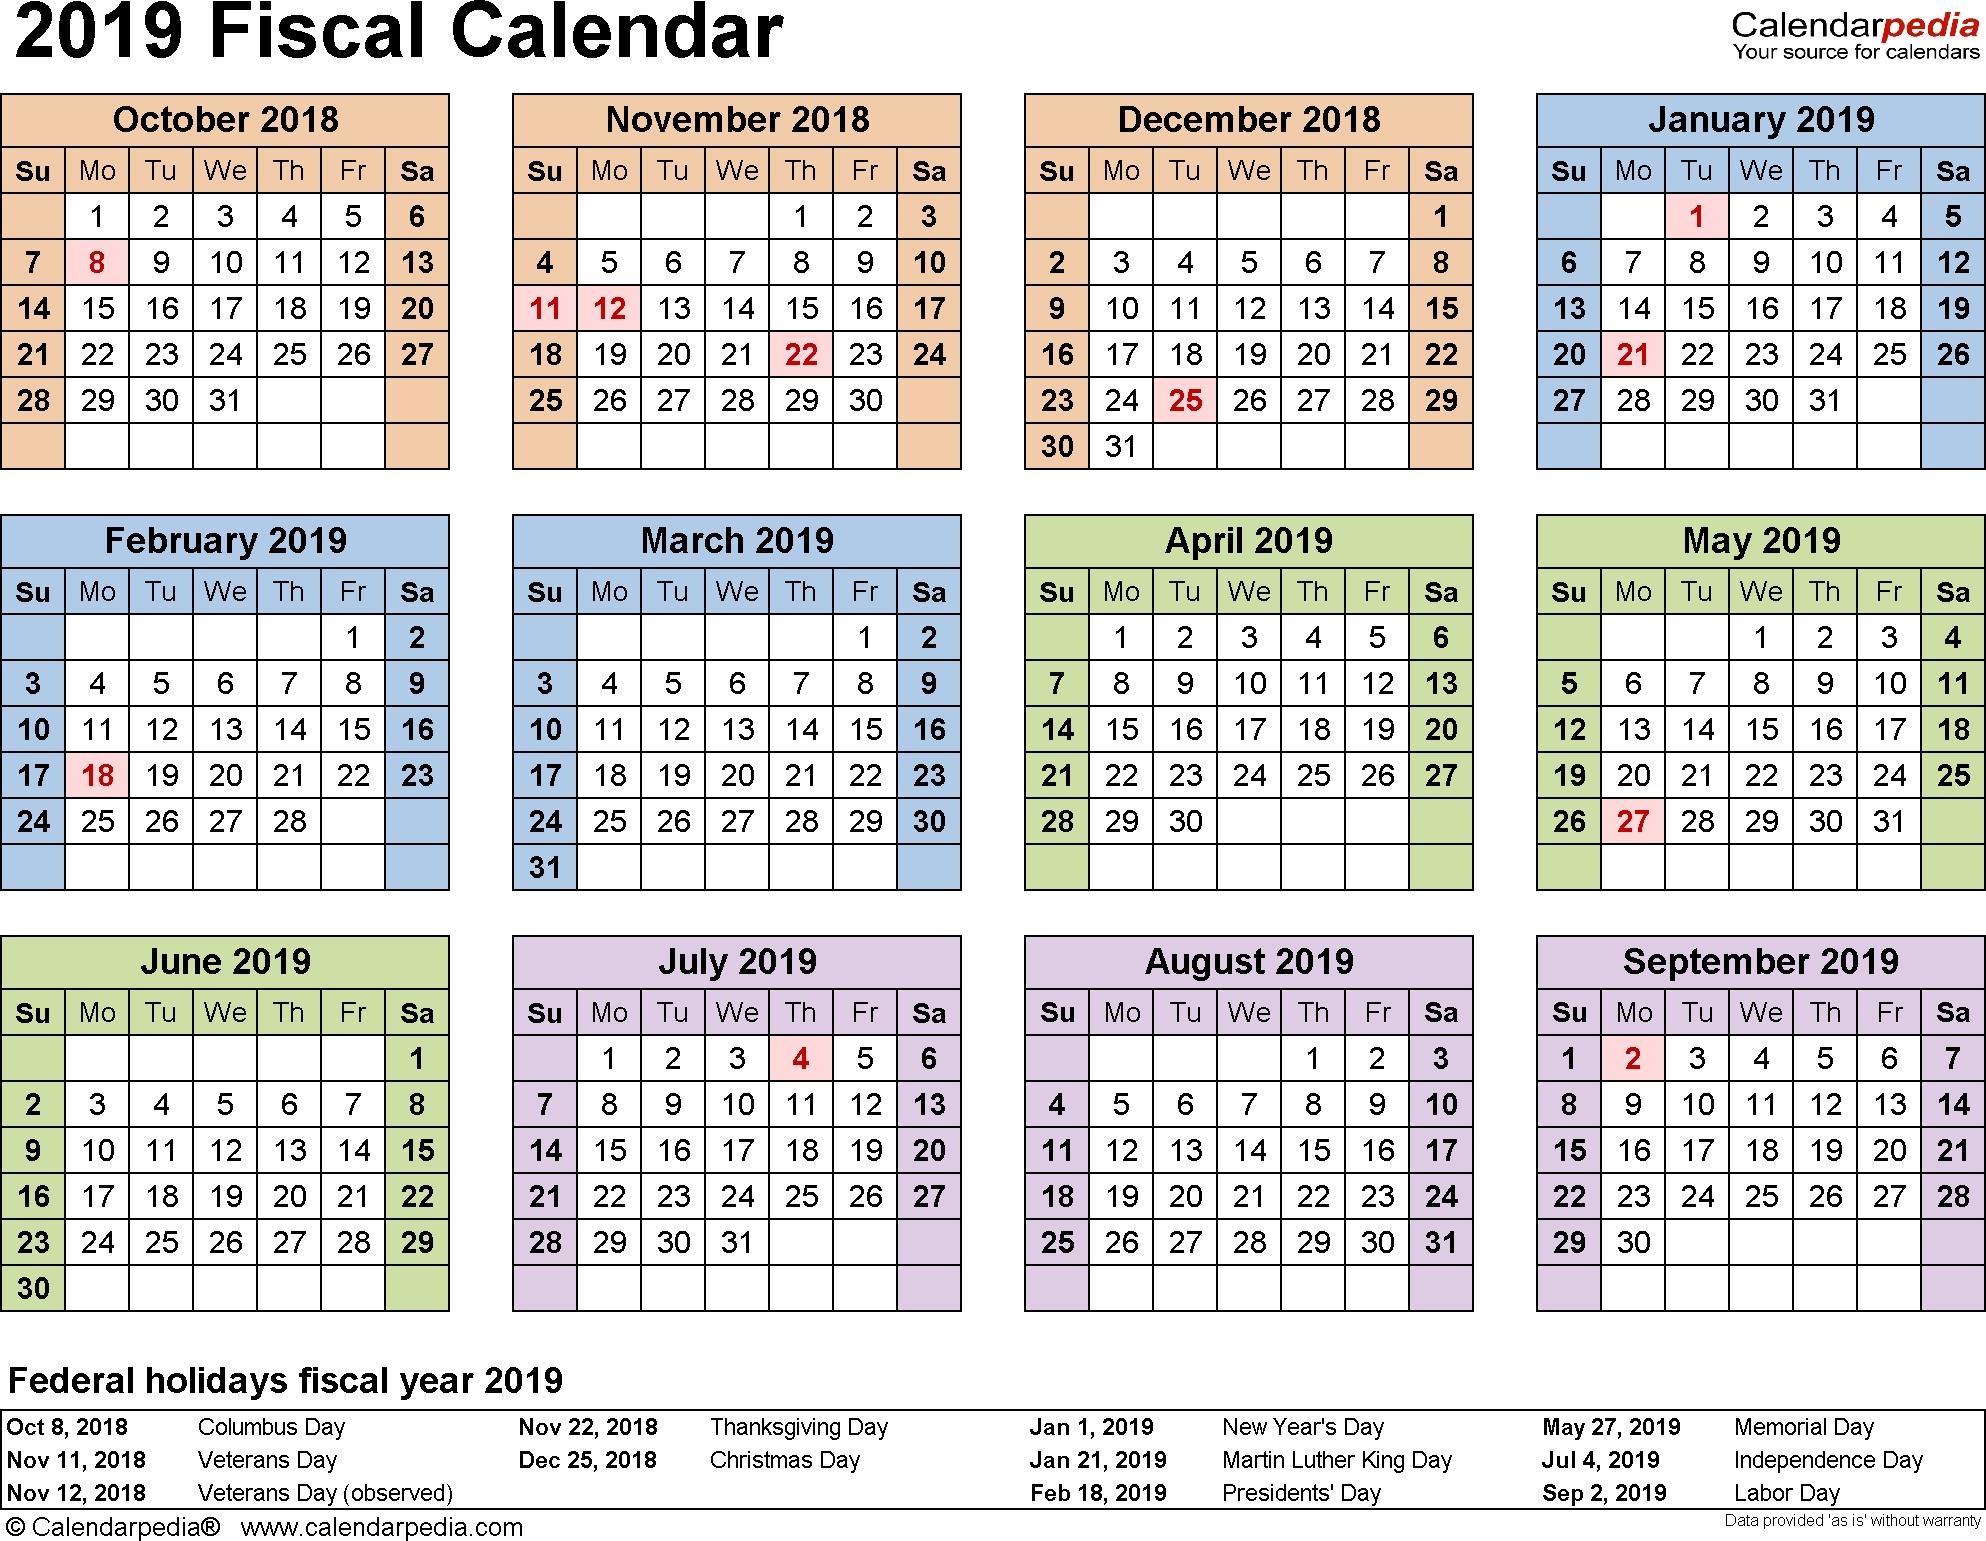 2019-2020 Calendar Financial Week Numbers - Calendar with regard to Financial Calendar 2019 With Week Number